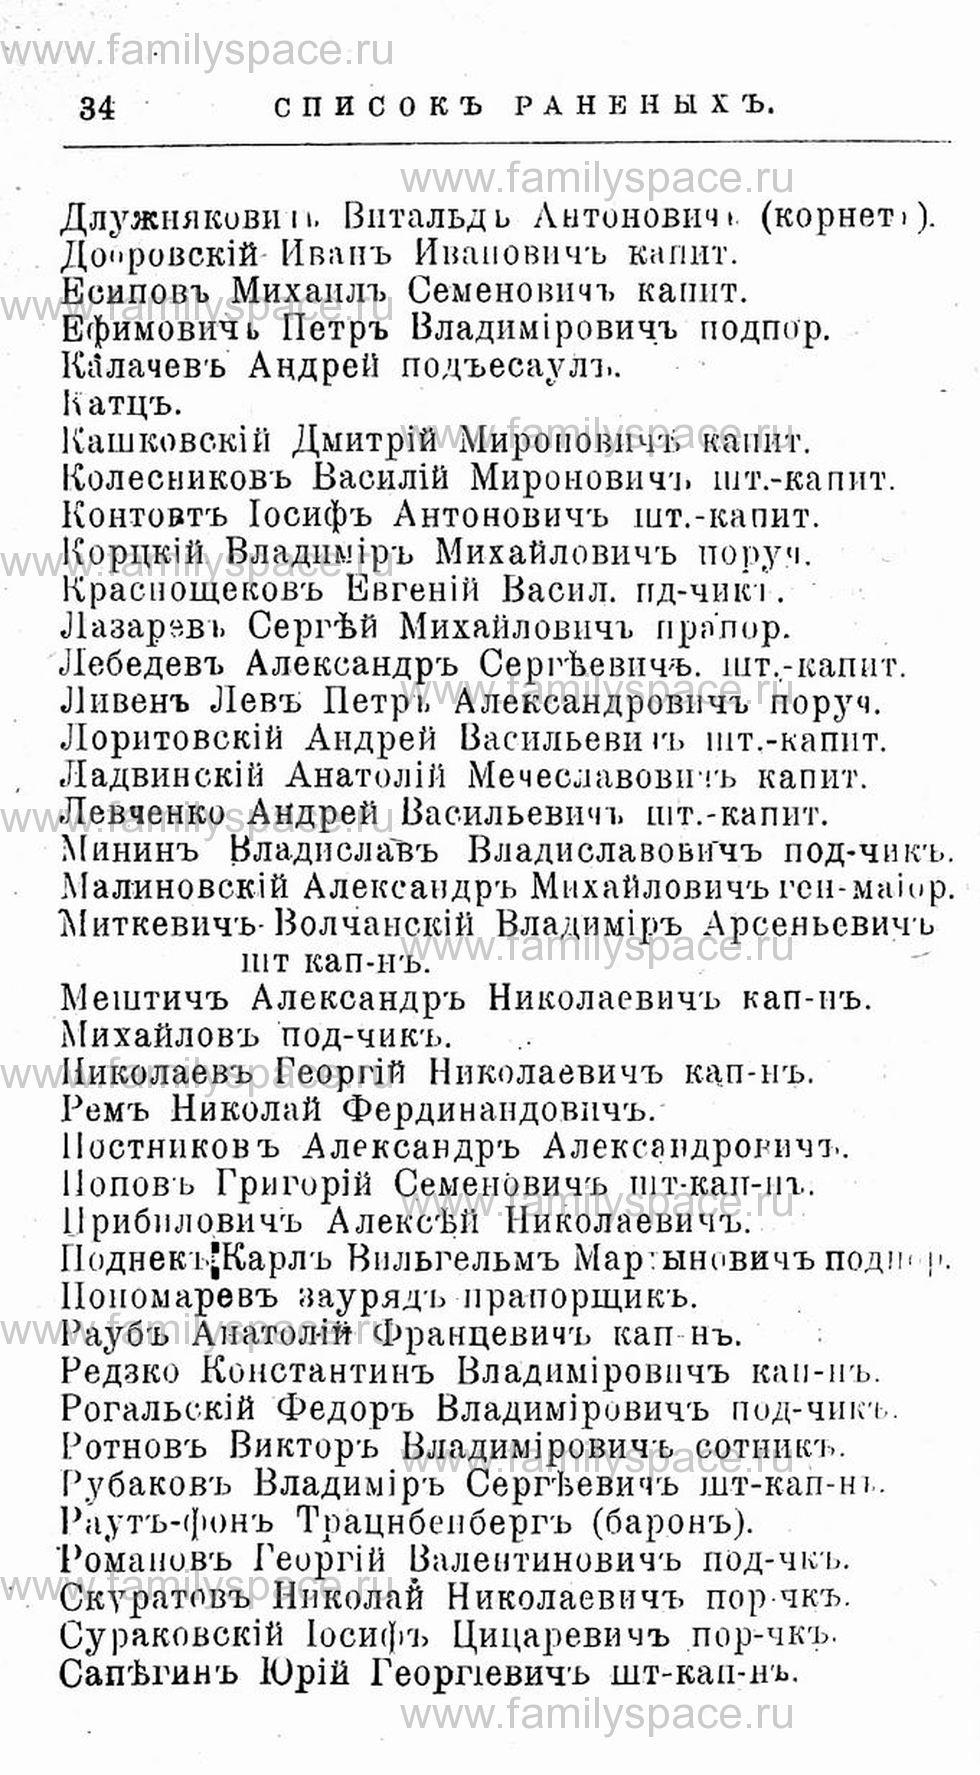 Поиск по фамилии - Первая мировая война - 1914 (списки убитых и раненых), страница 34